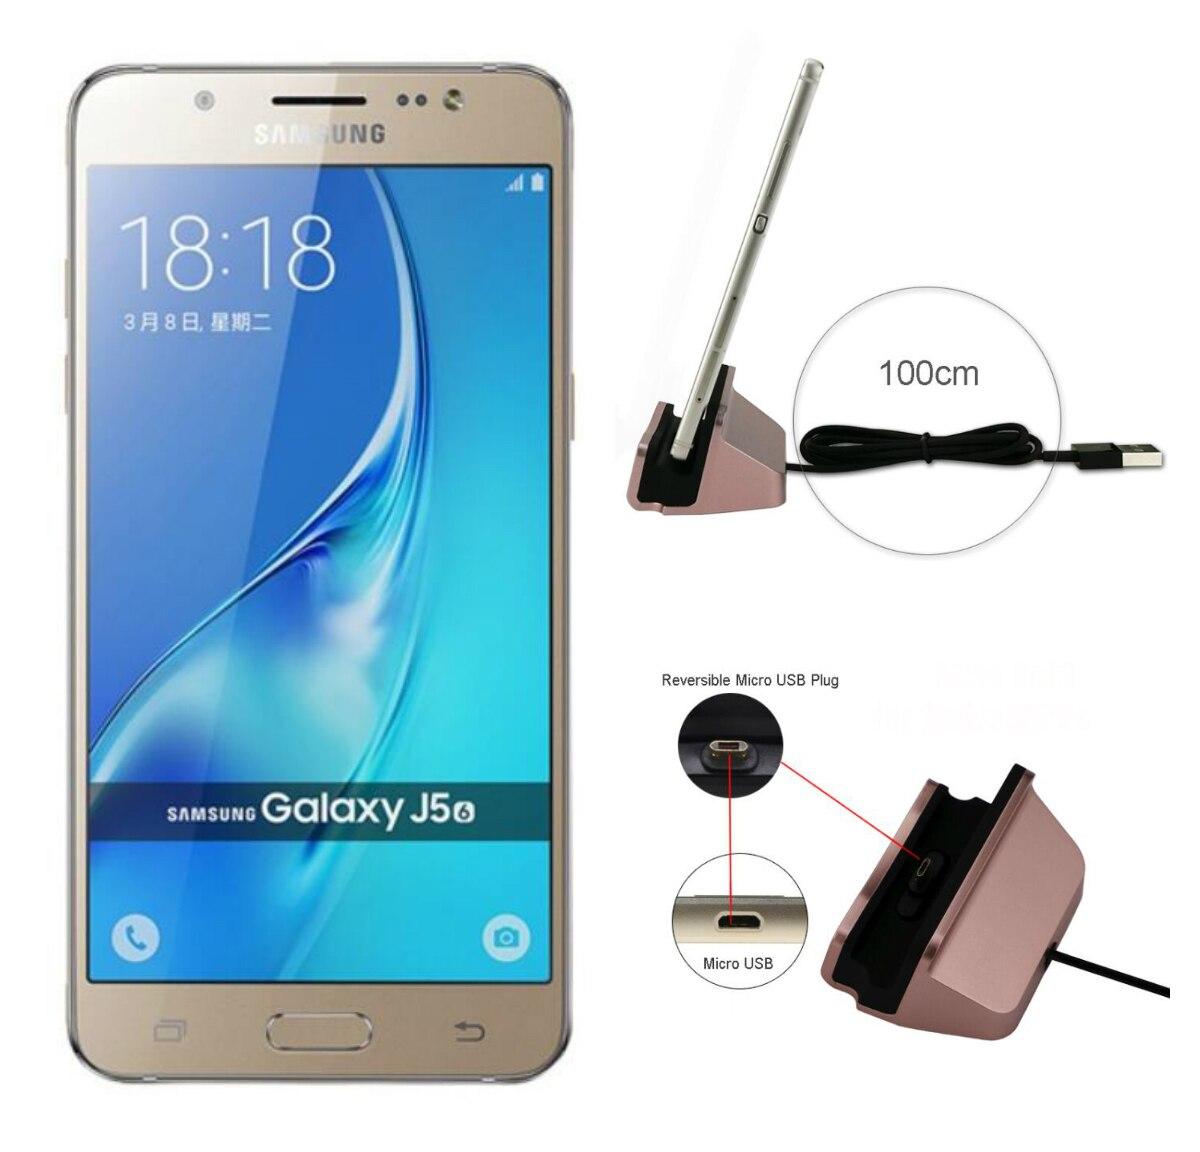 Быстрая зарядка Micro USB док-станции для <font><b>Samsung</b></font> Galaxy J1 J3 <font><b>J5</b></font> J7 A7 A3 A5 <font><b>2016</b></font> A510 j510 USB кабель Зарядное устройство док-станции Стенд